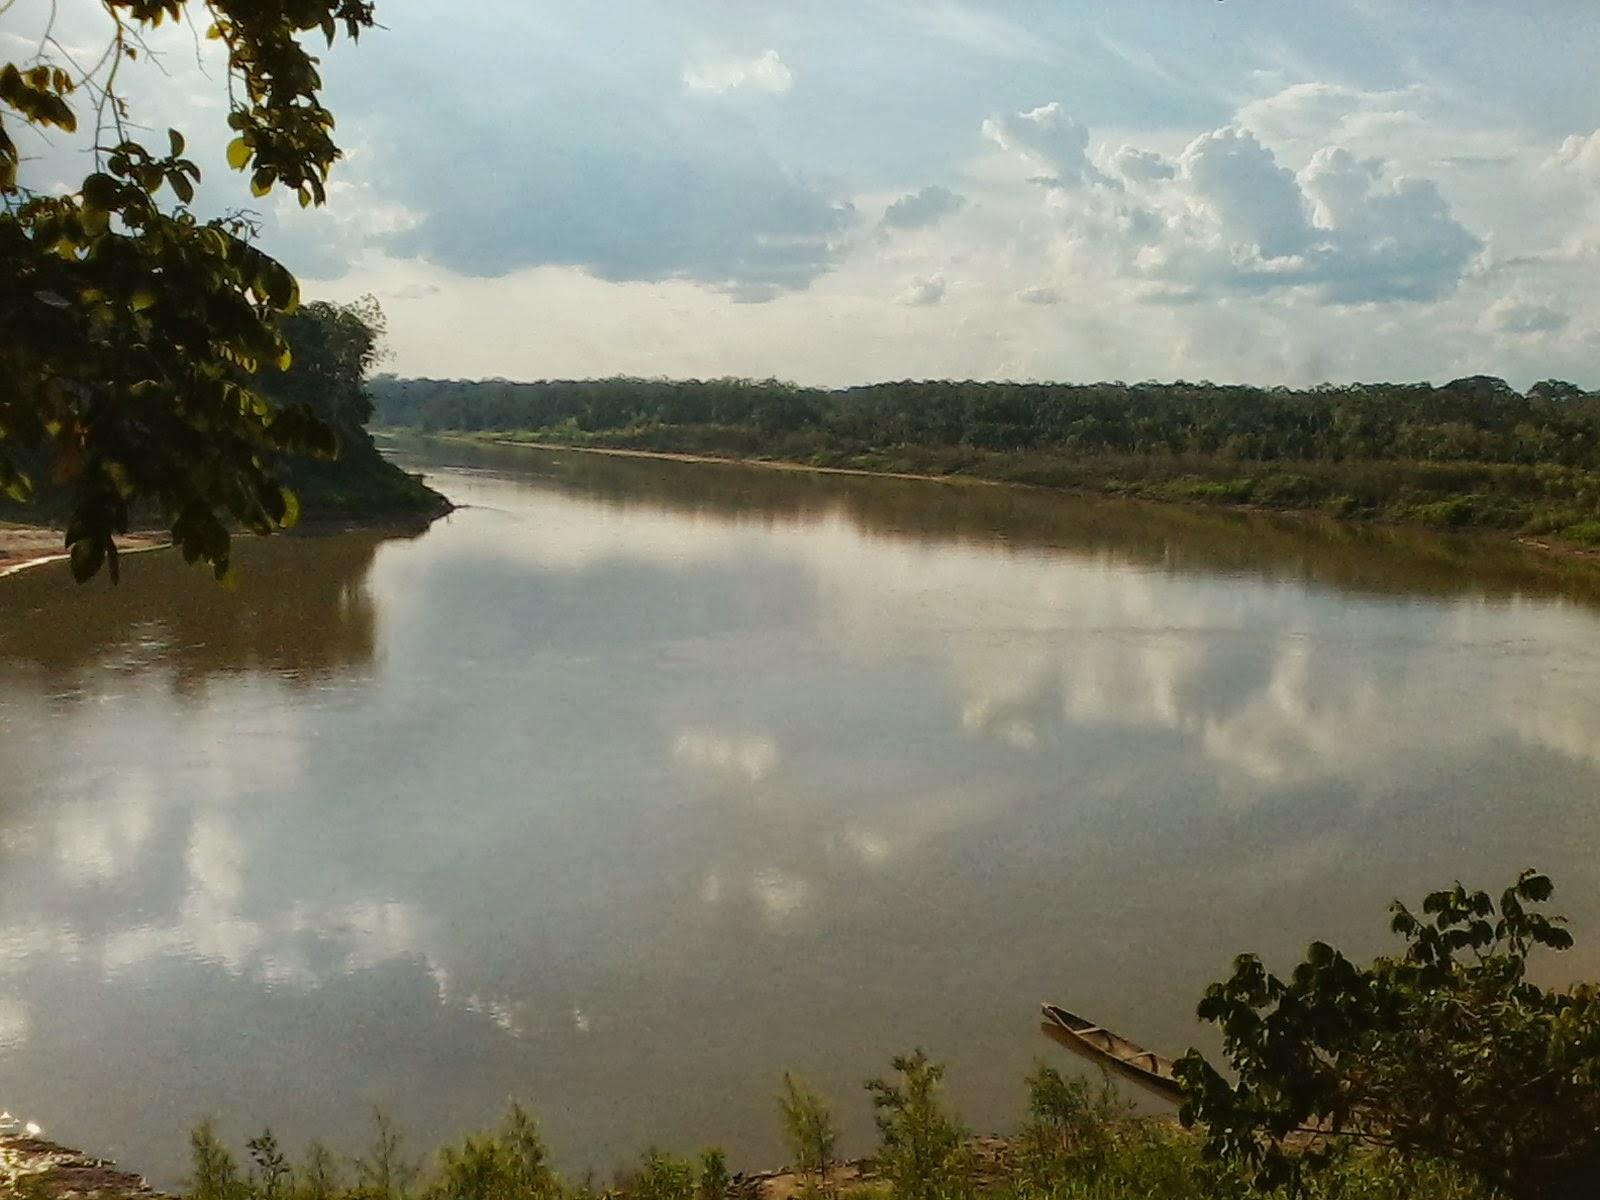 Rio Purus, Afluente do Rio Amazonas